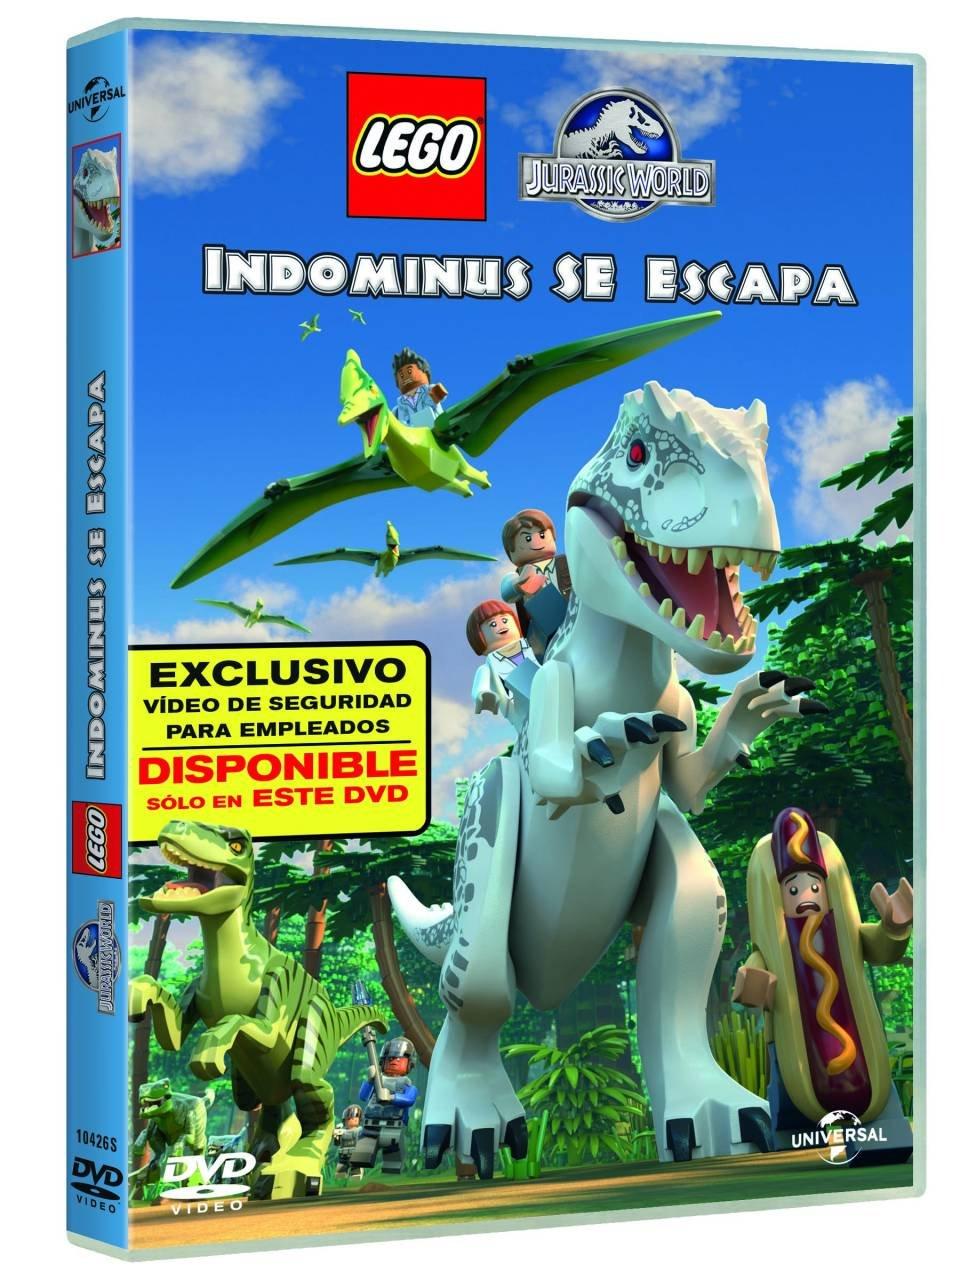 Jurassic World Lego: Indominus Se Escapa [DVD]: Amazon.es: Jake ...